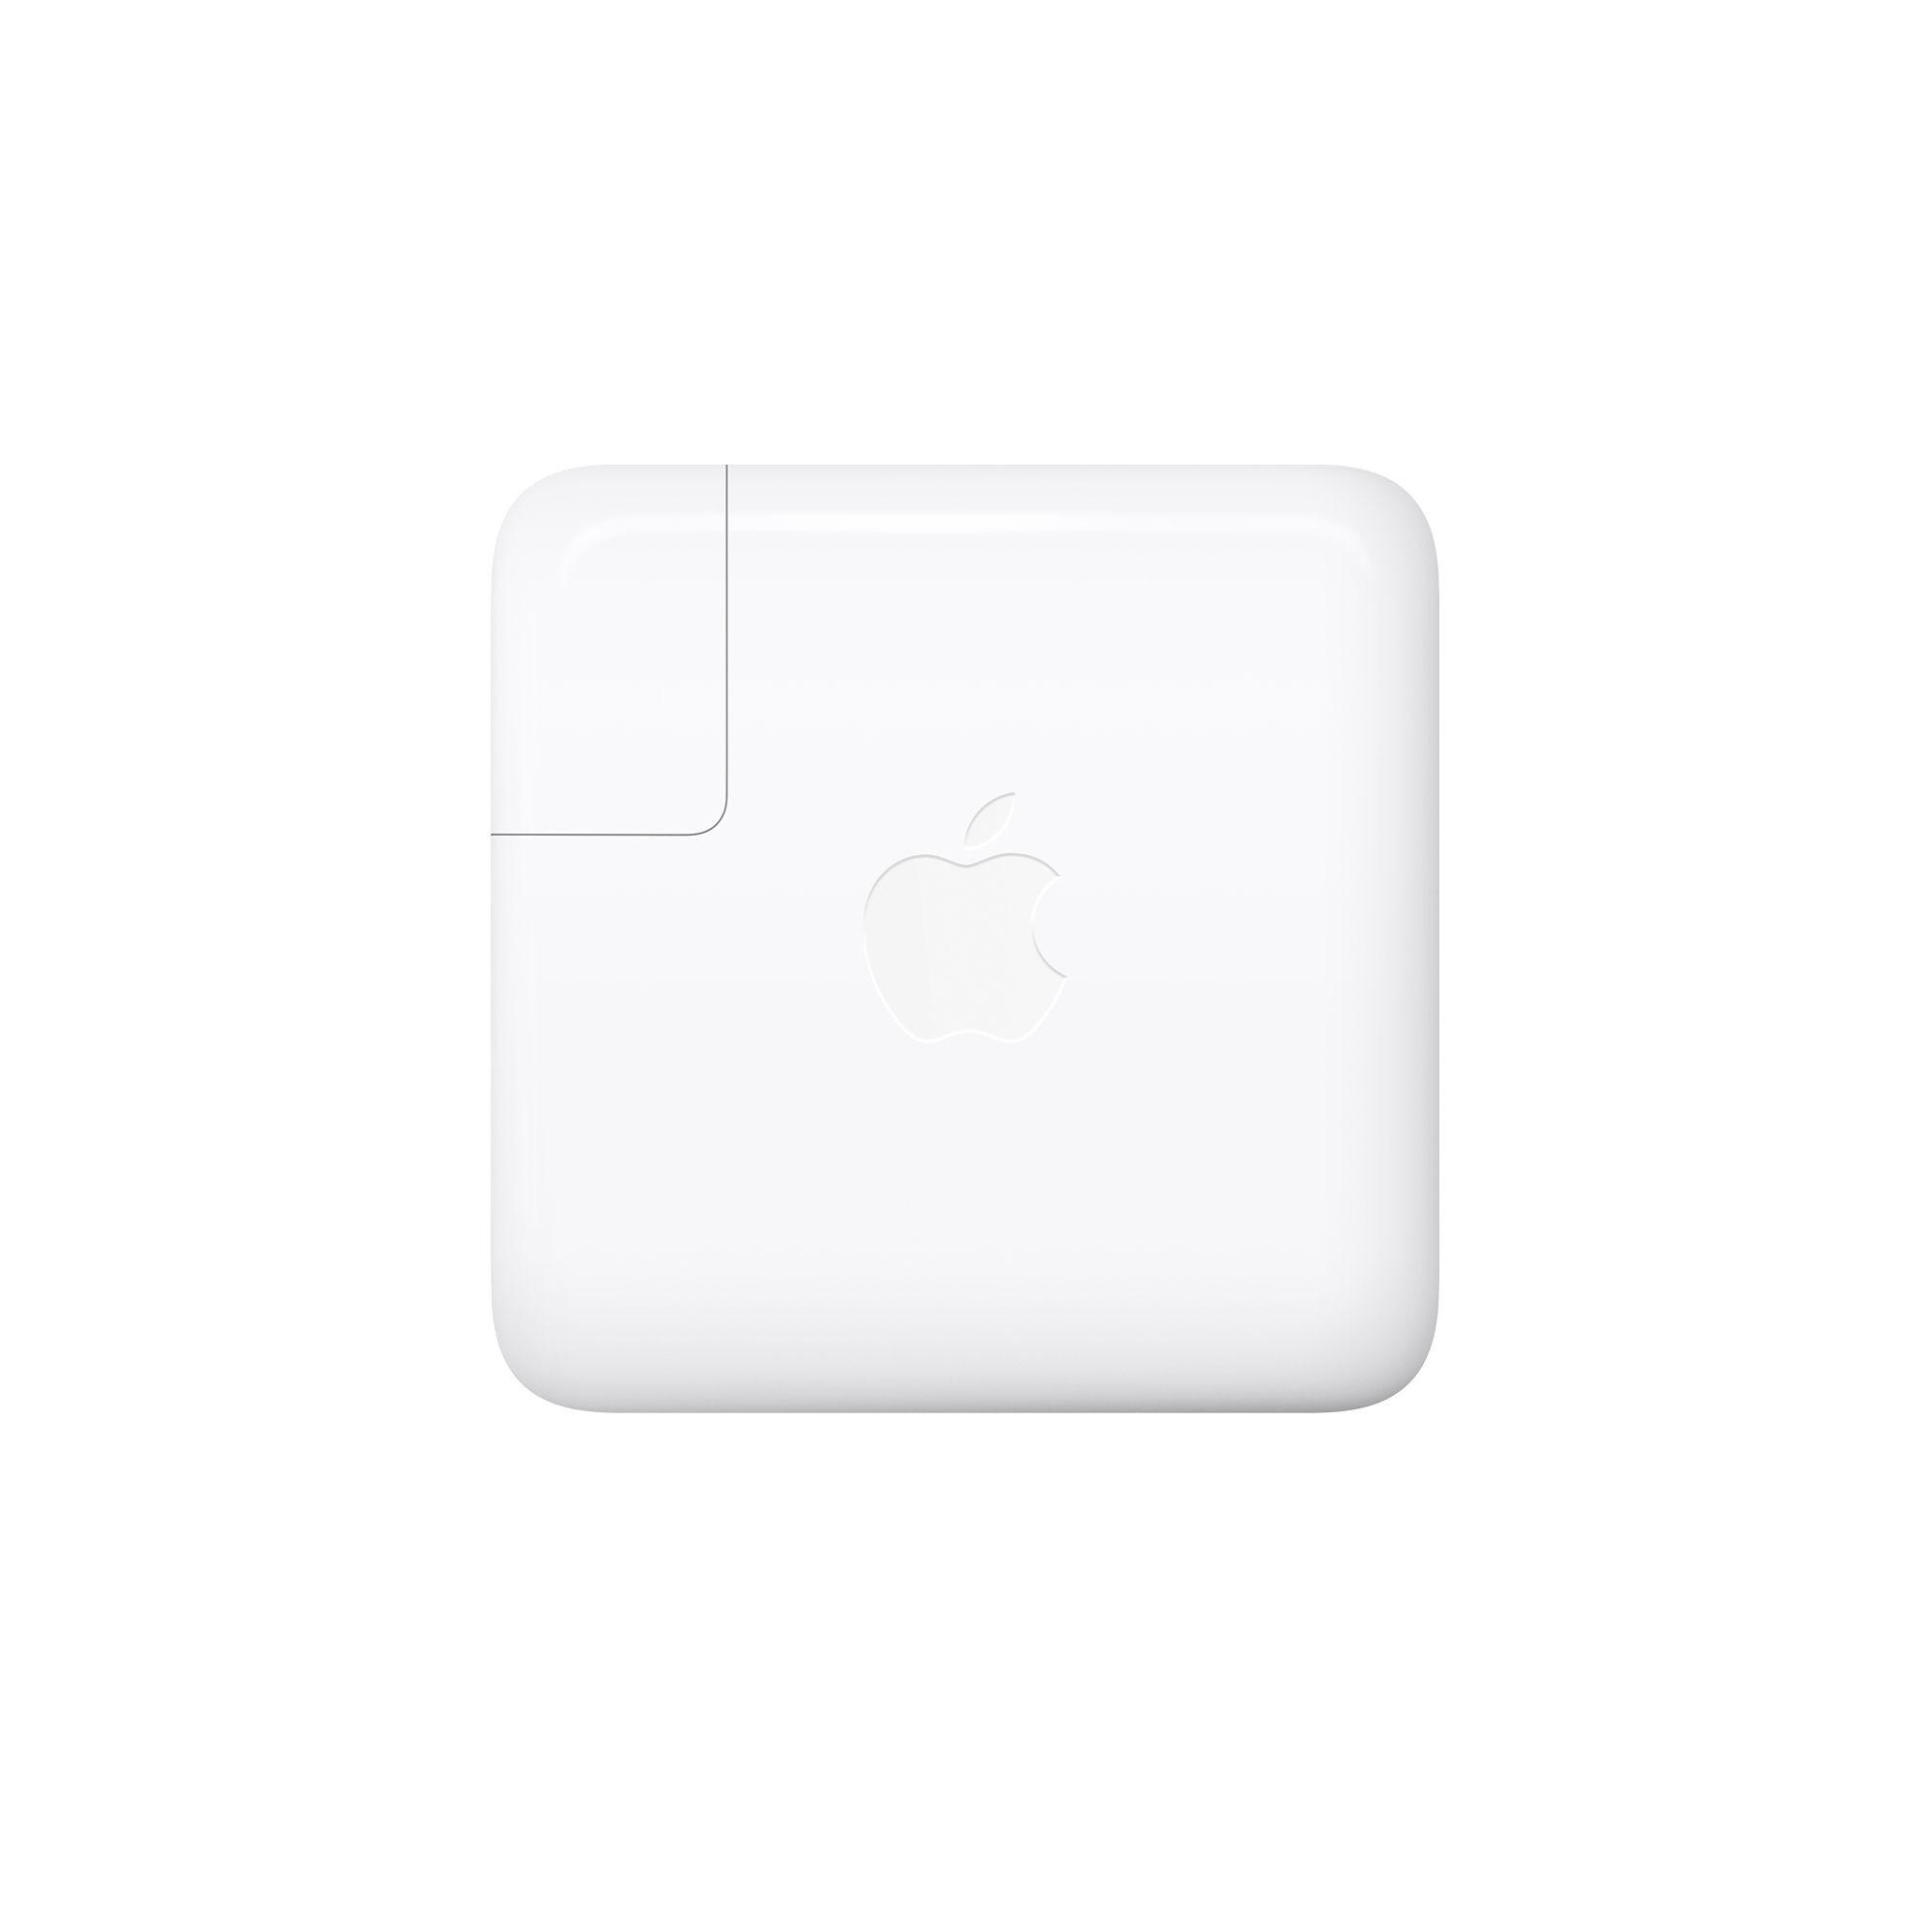 Buy Online Mac accessories By Apple - UAE - Oman - - iSTYLE - Apple ...